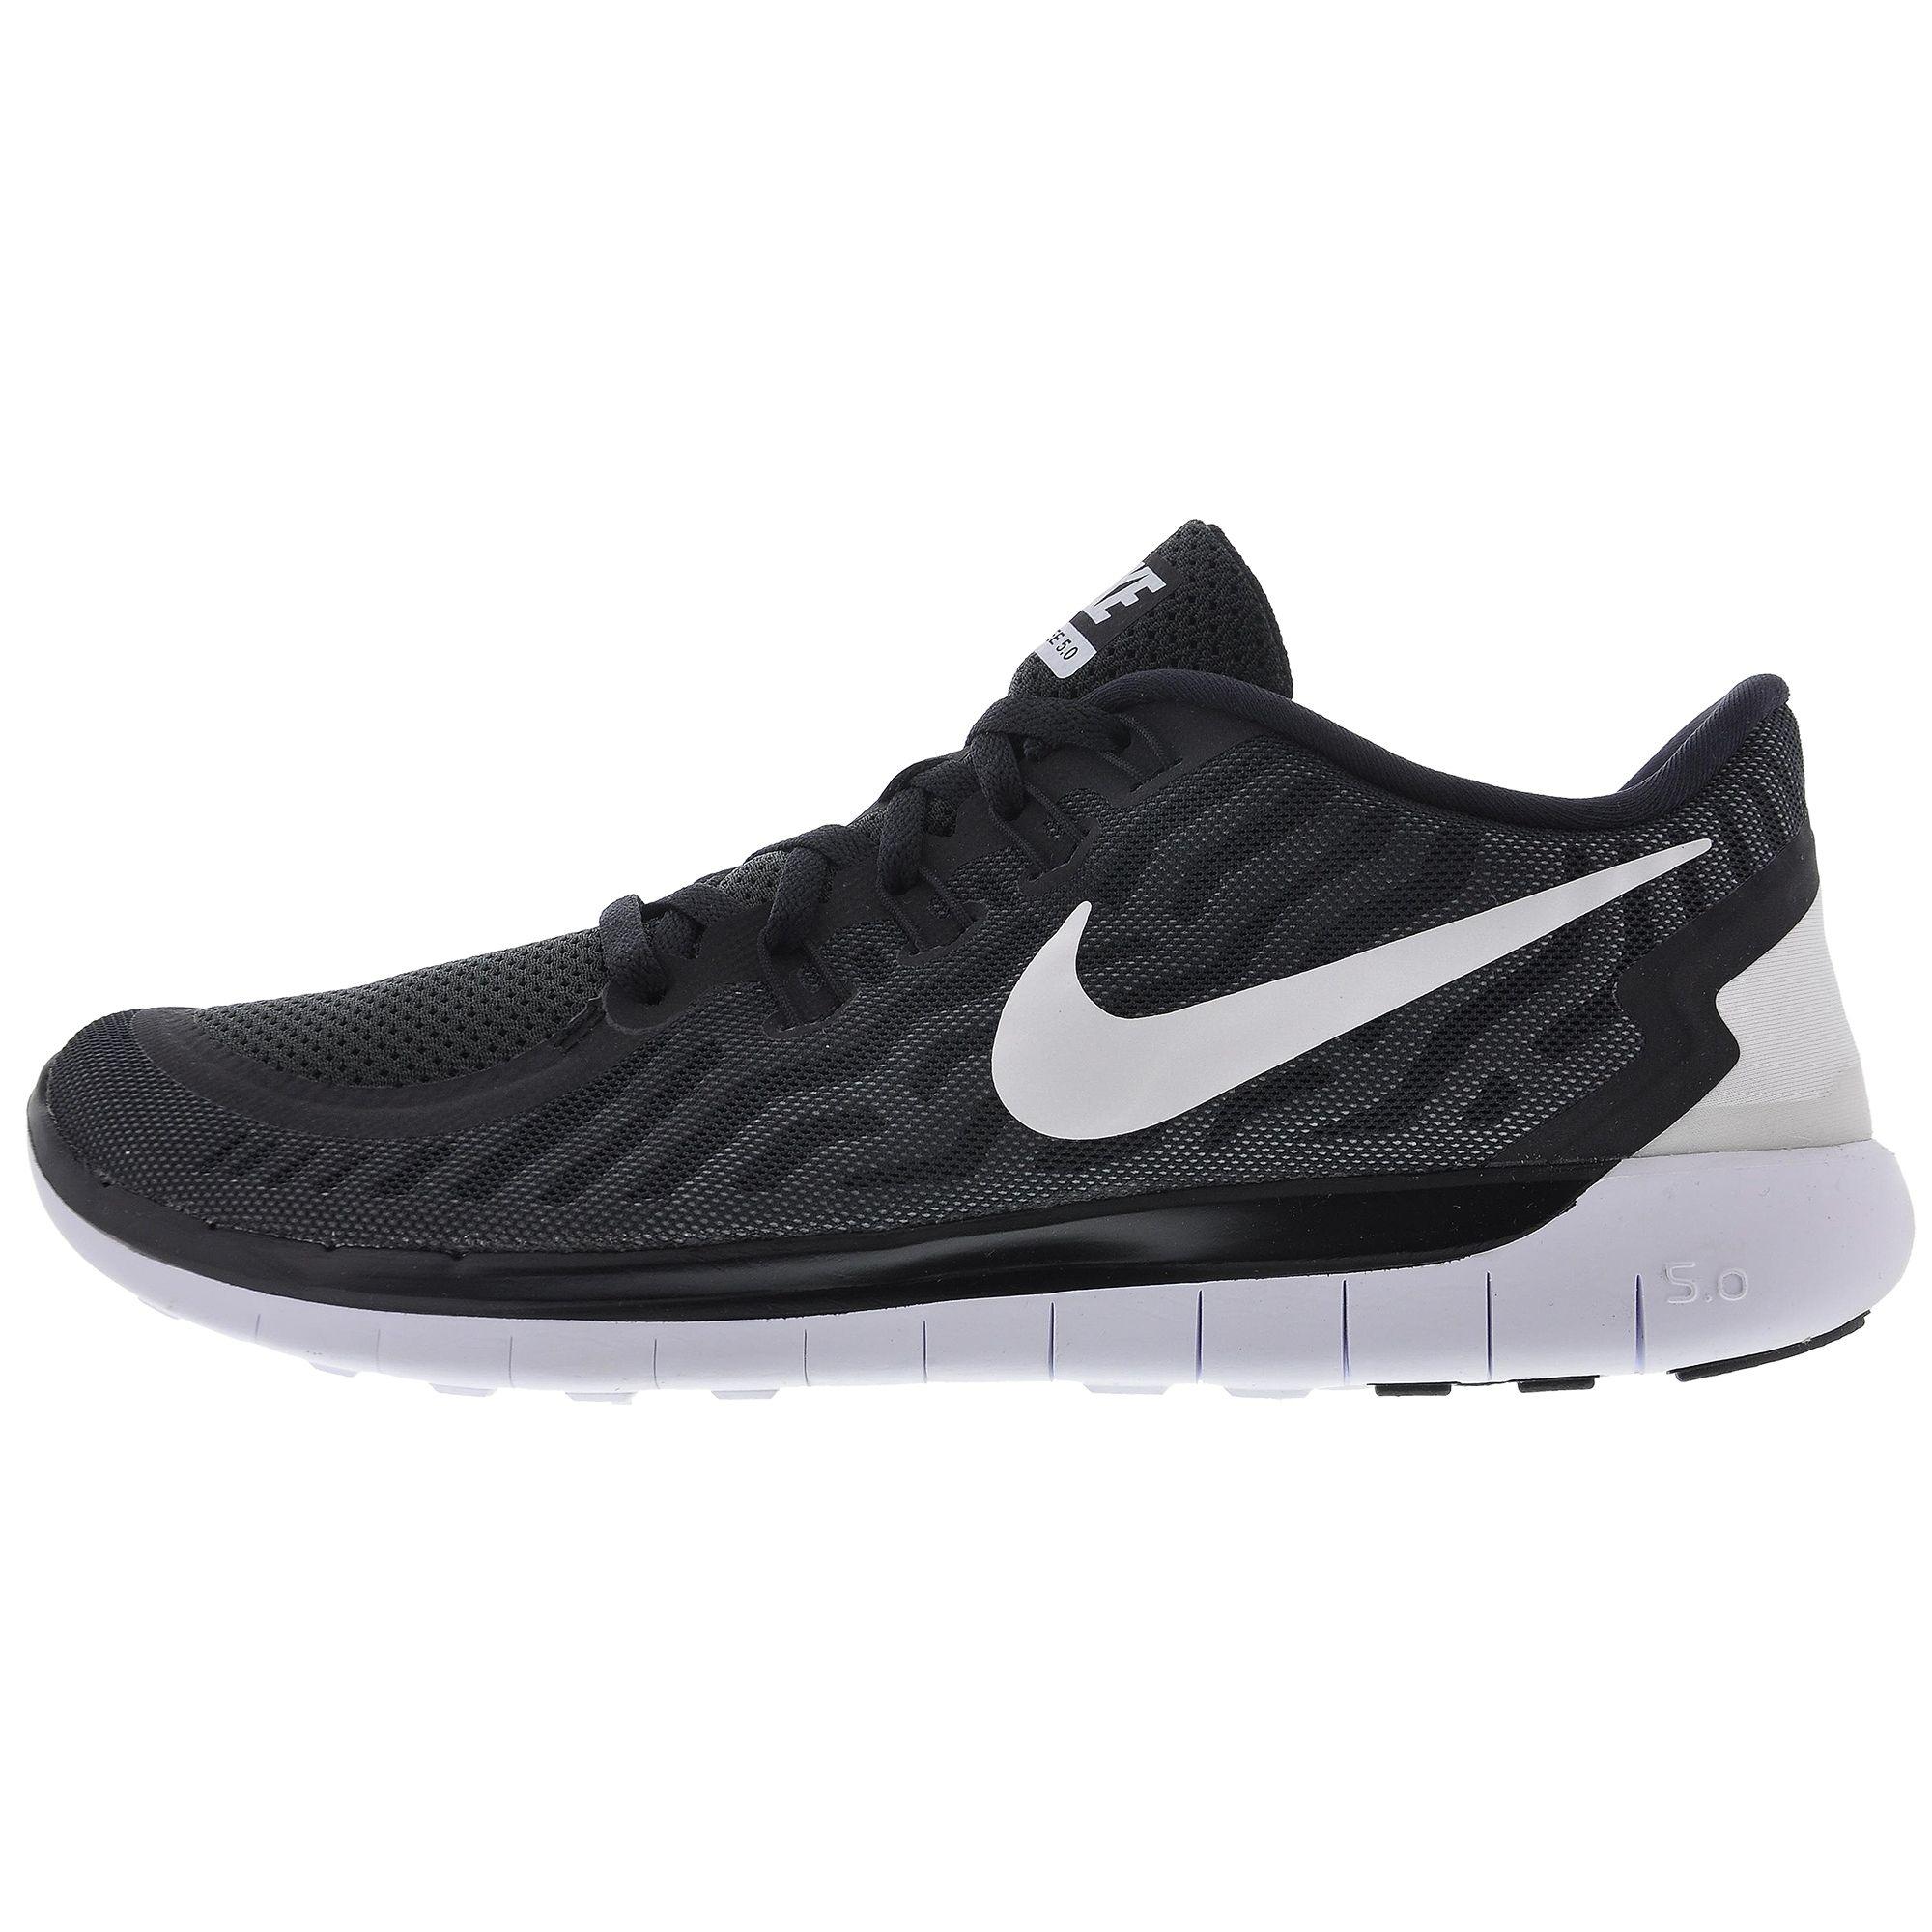 nike free 5.0 flash (gs) spor ayakkabıları